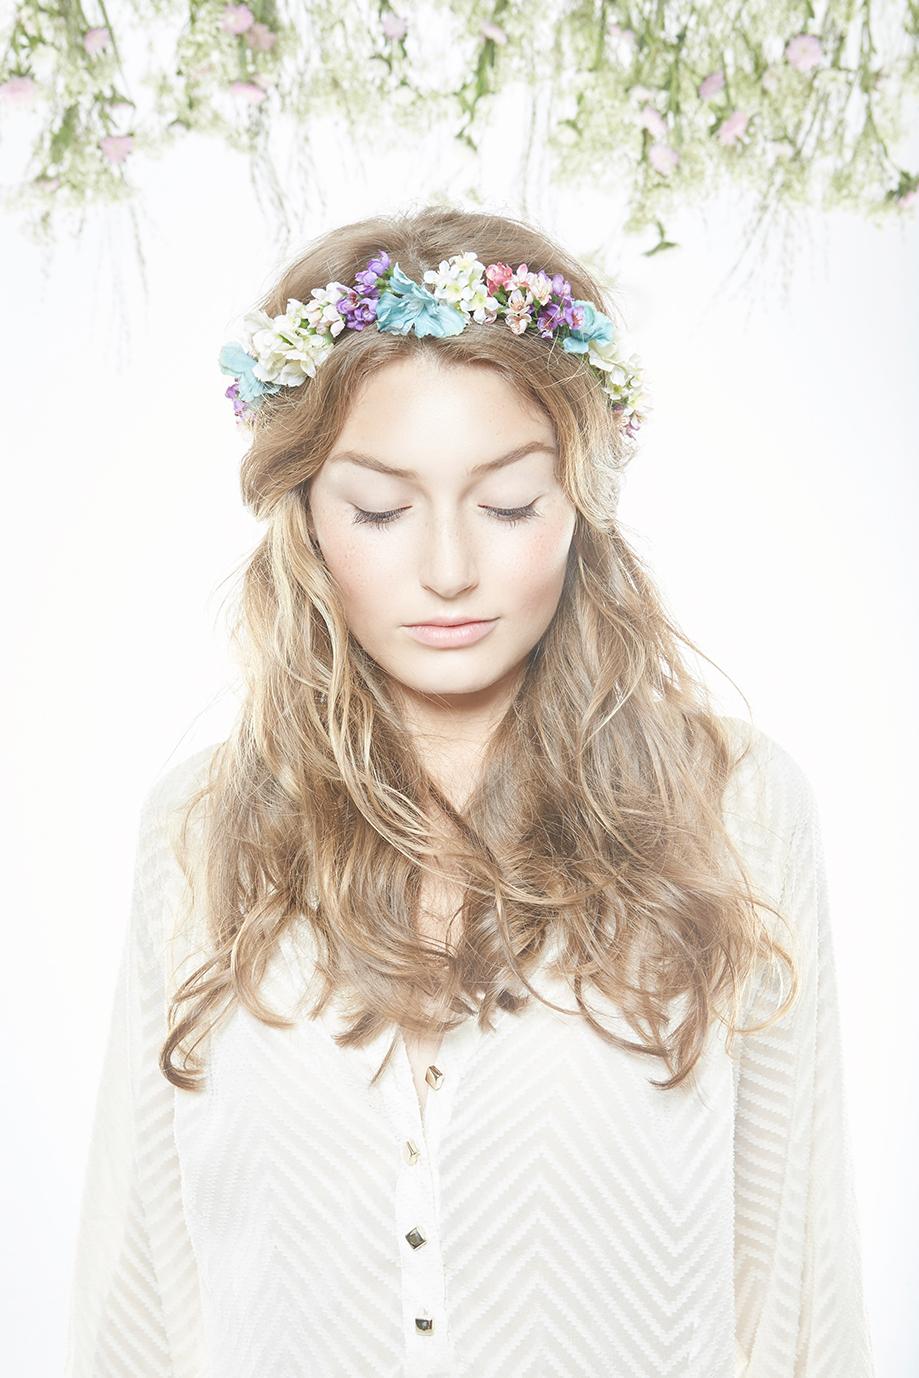 """Die zauberhaften Blütenkränze von """"Schönes Fräulein"""" bei uns im Salon."""